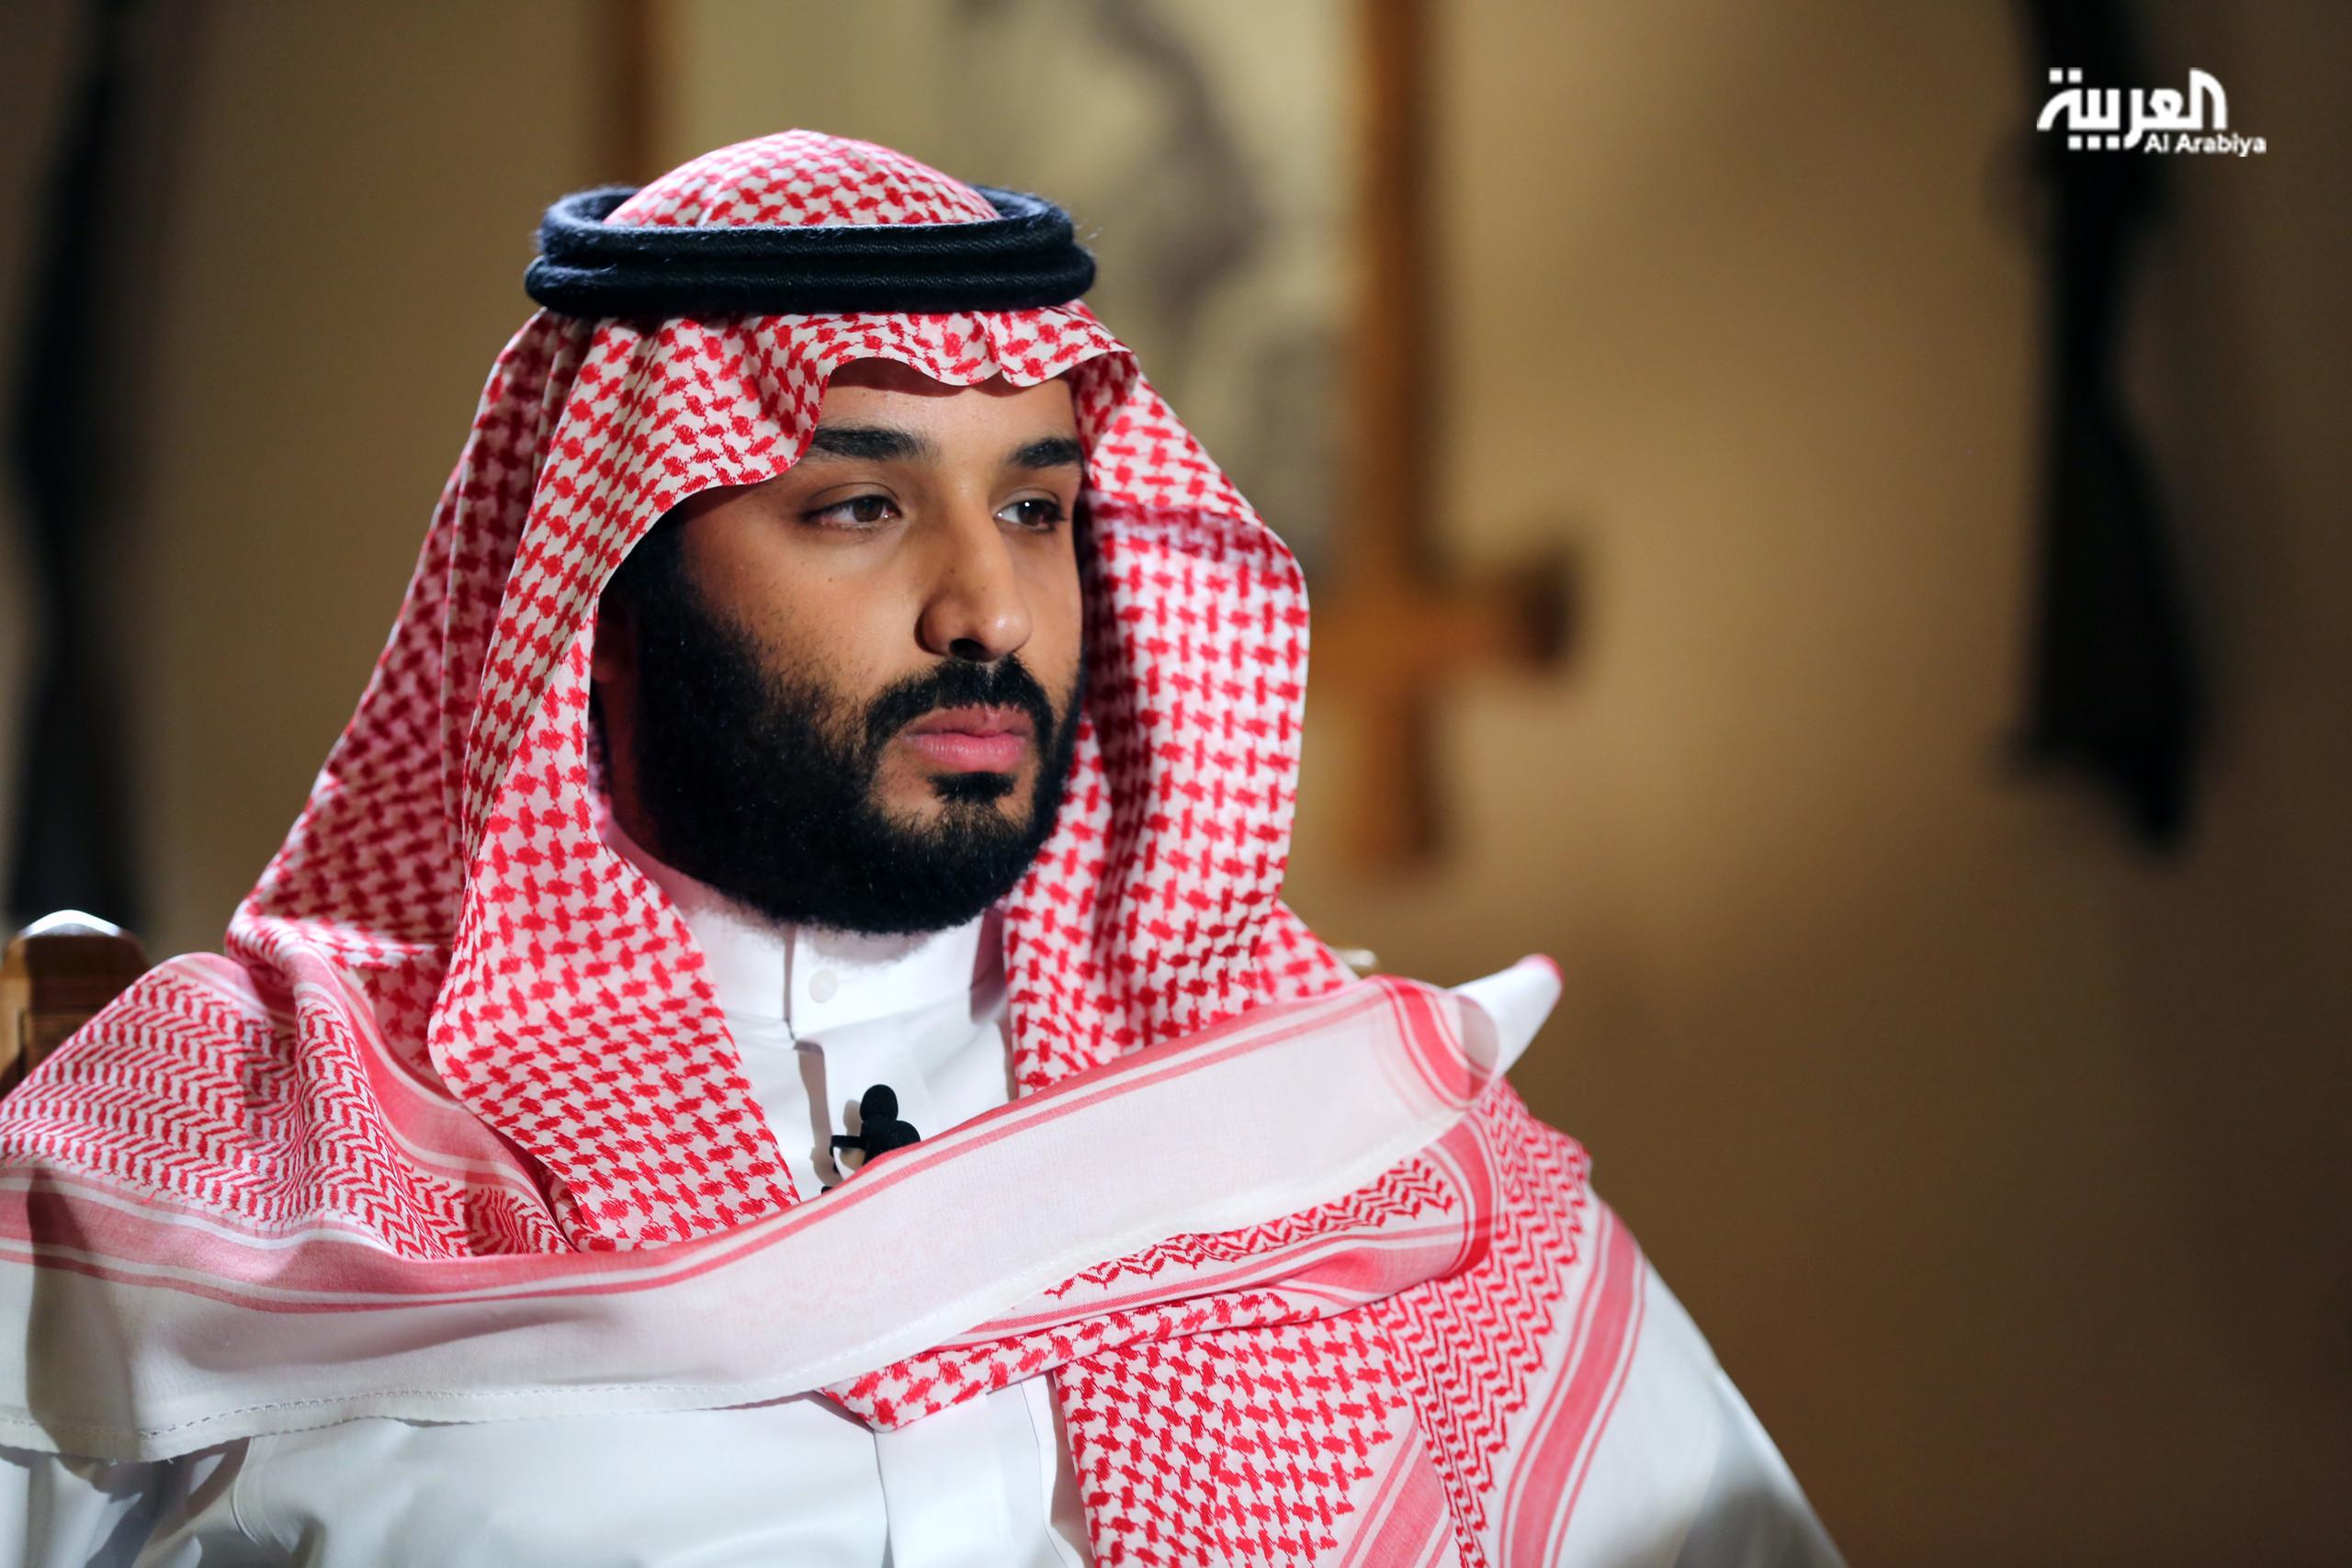 محمد بن سلمان سيزور أمريكا هذا الشهر لإجراء محادثات